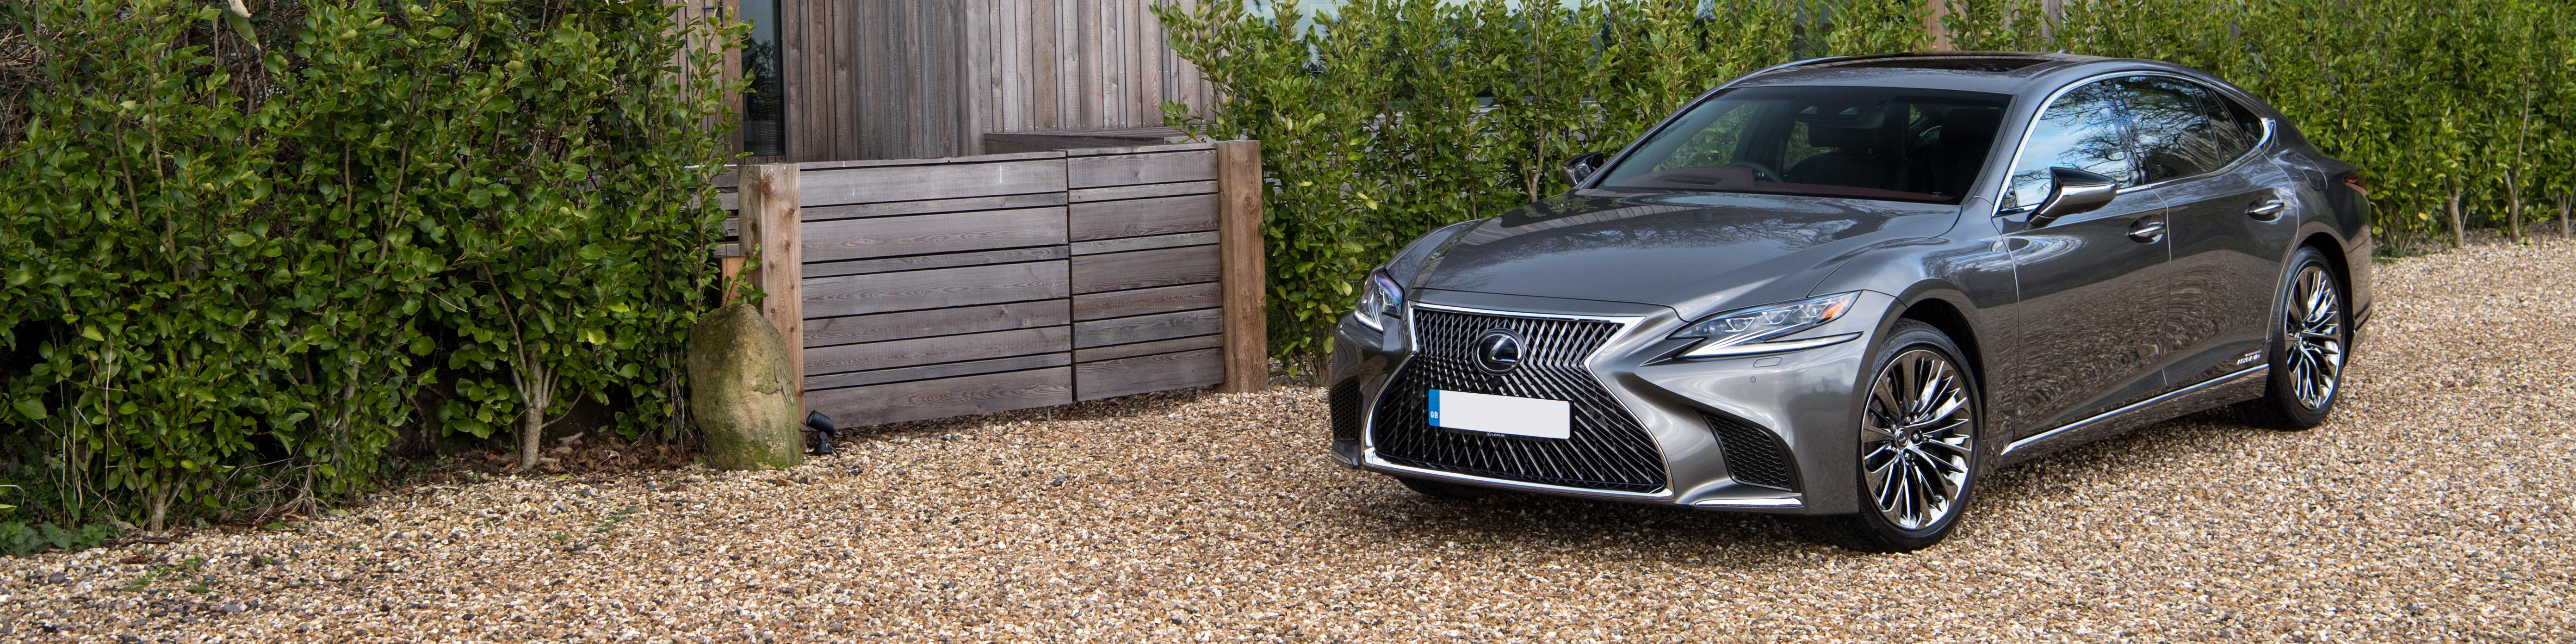 rx img futtaim al new price hybrid flyover uae cars lexus